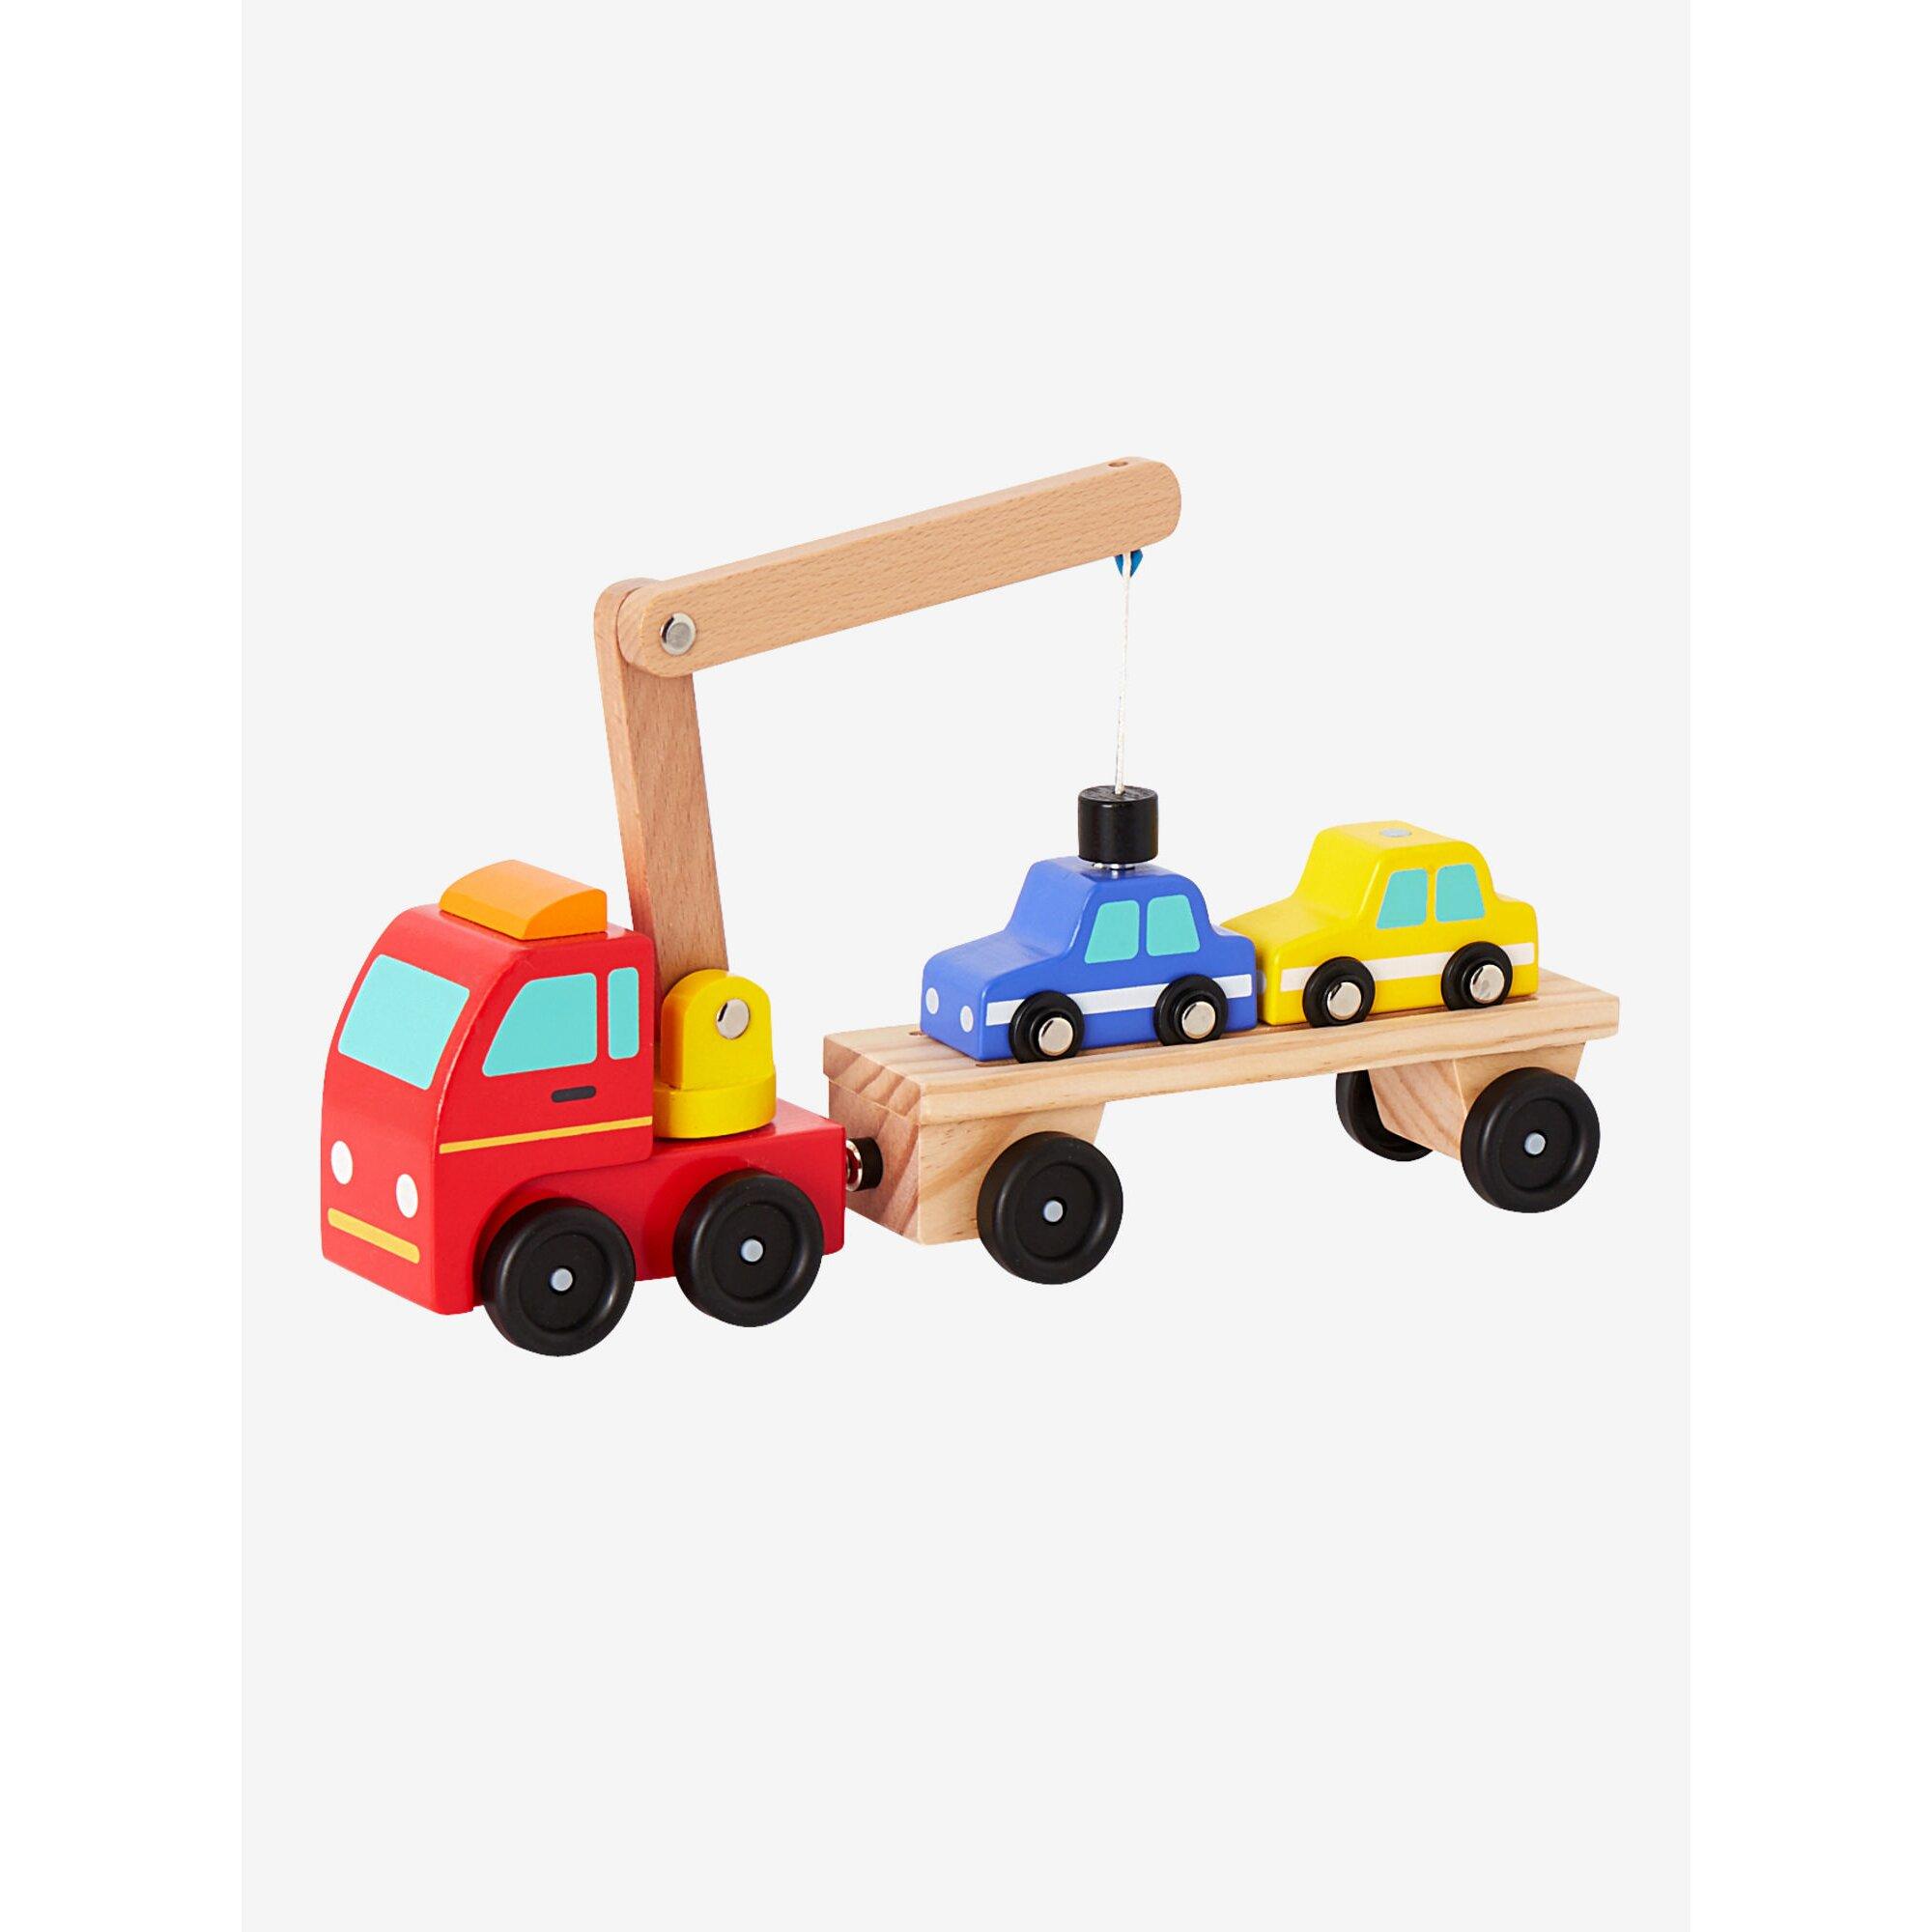 vertbaudet-abschleppwagen-mit-2-autos-aus-holz